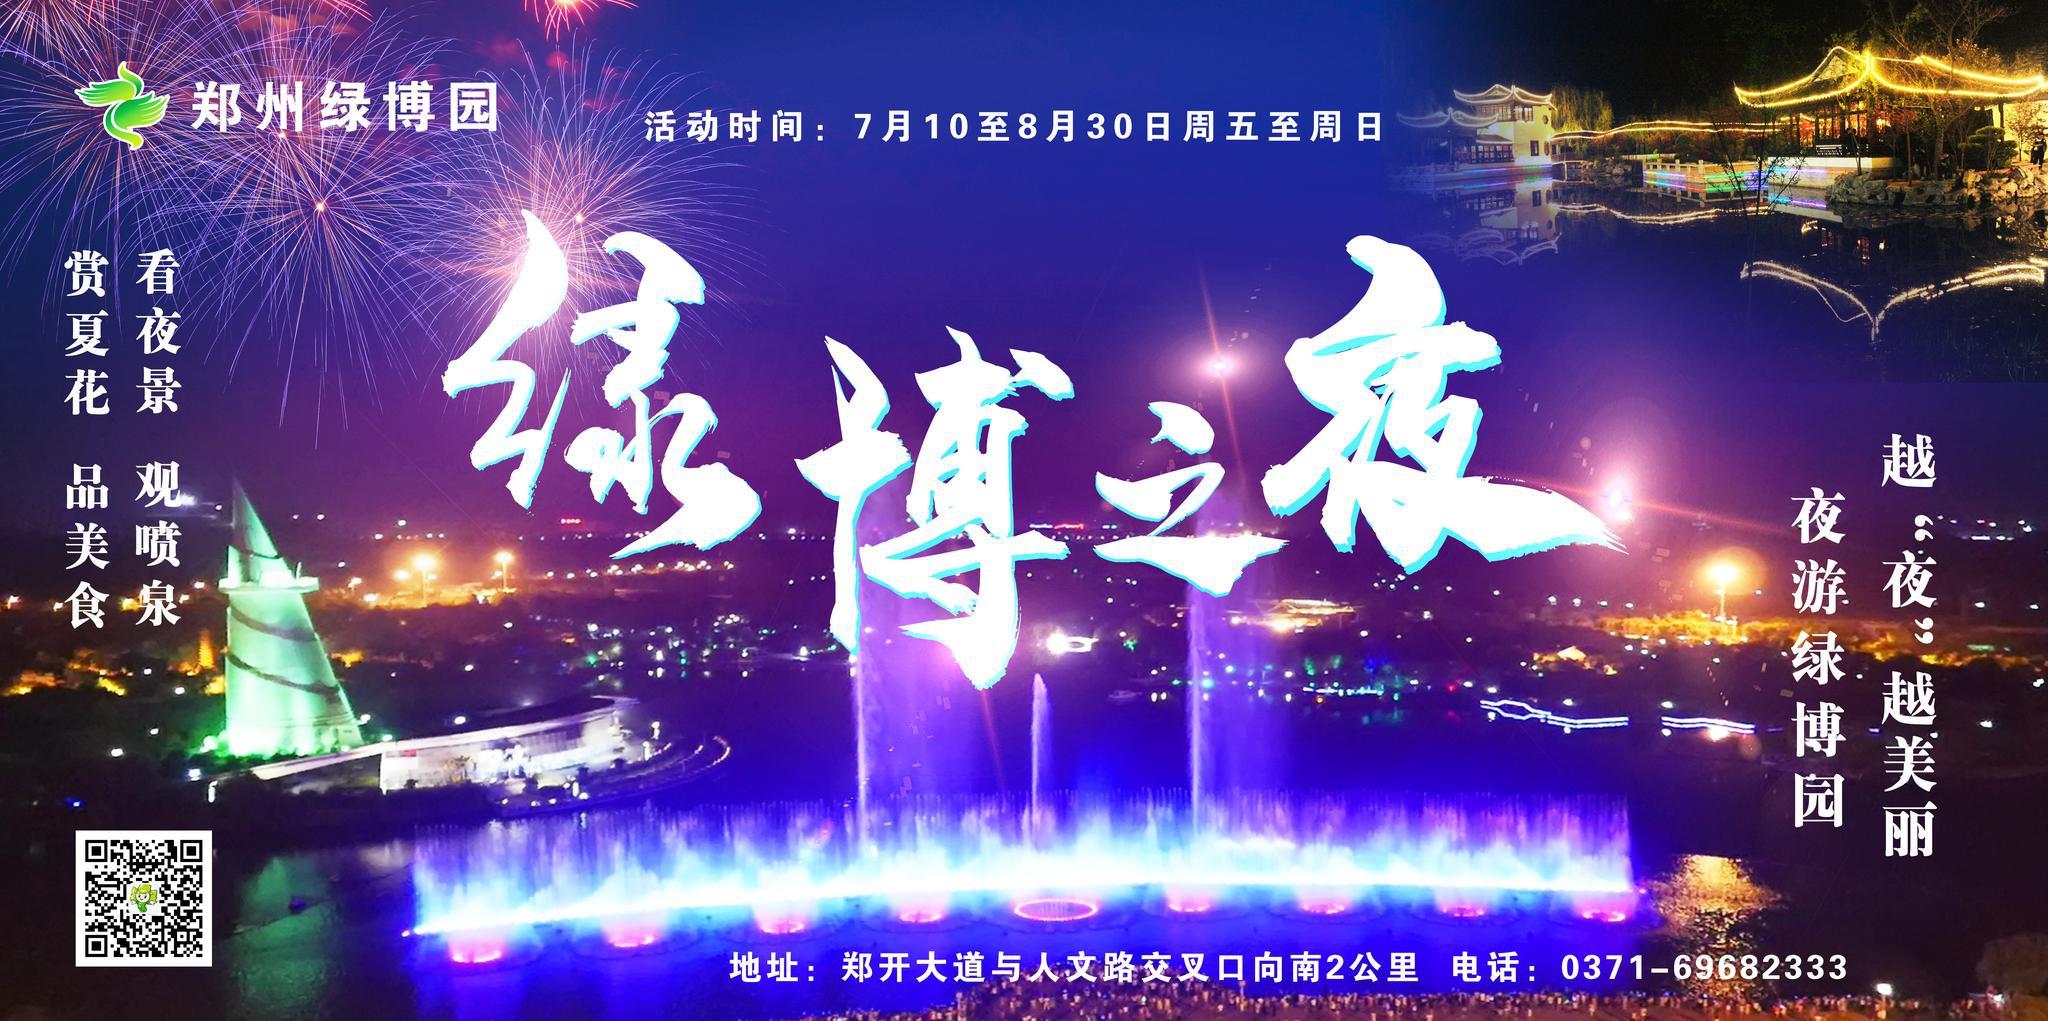 绿博之夜璀璨开幕